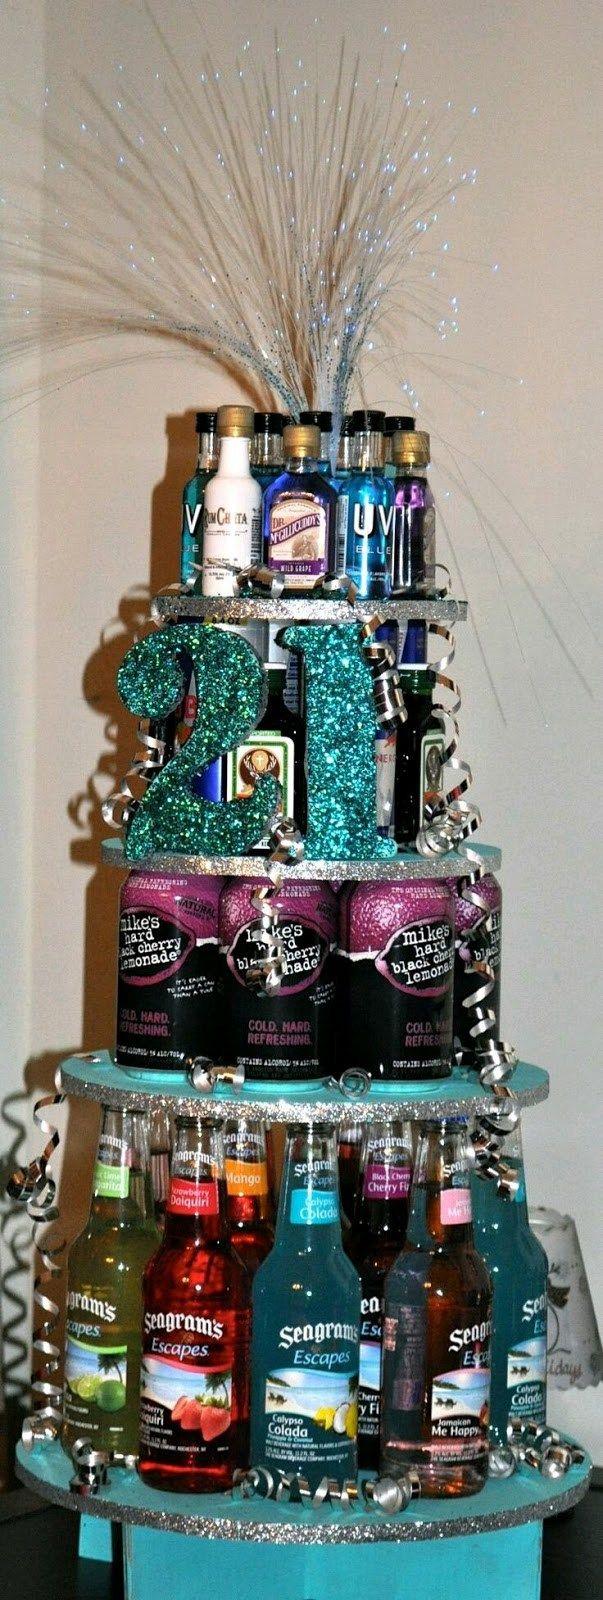 El licor o las cervezas son frecuentes obsequios para varones o también regalos muy solicitados en ciertas épocas del año como la Navidad. Puede parecer muy típico o aburrido regalar una botella d…